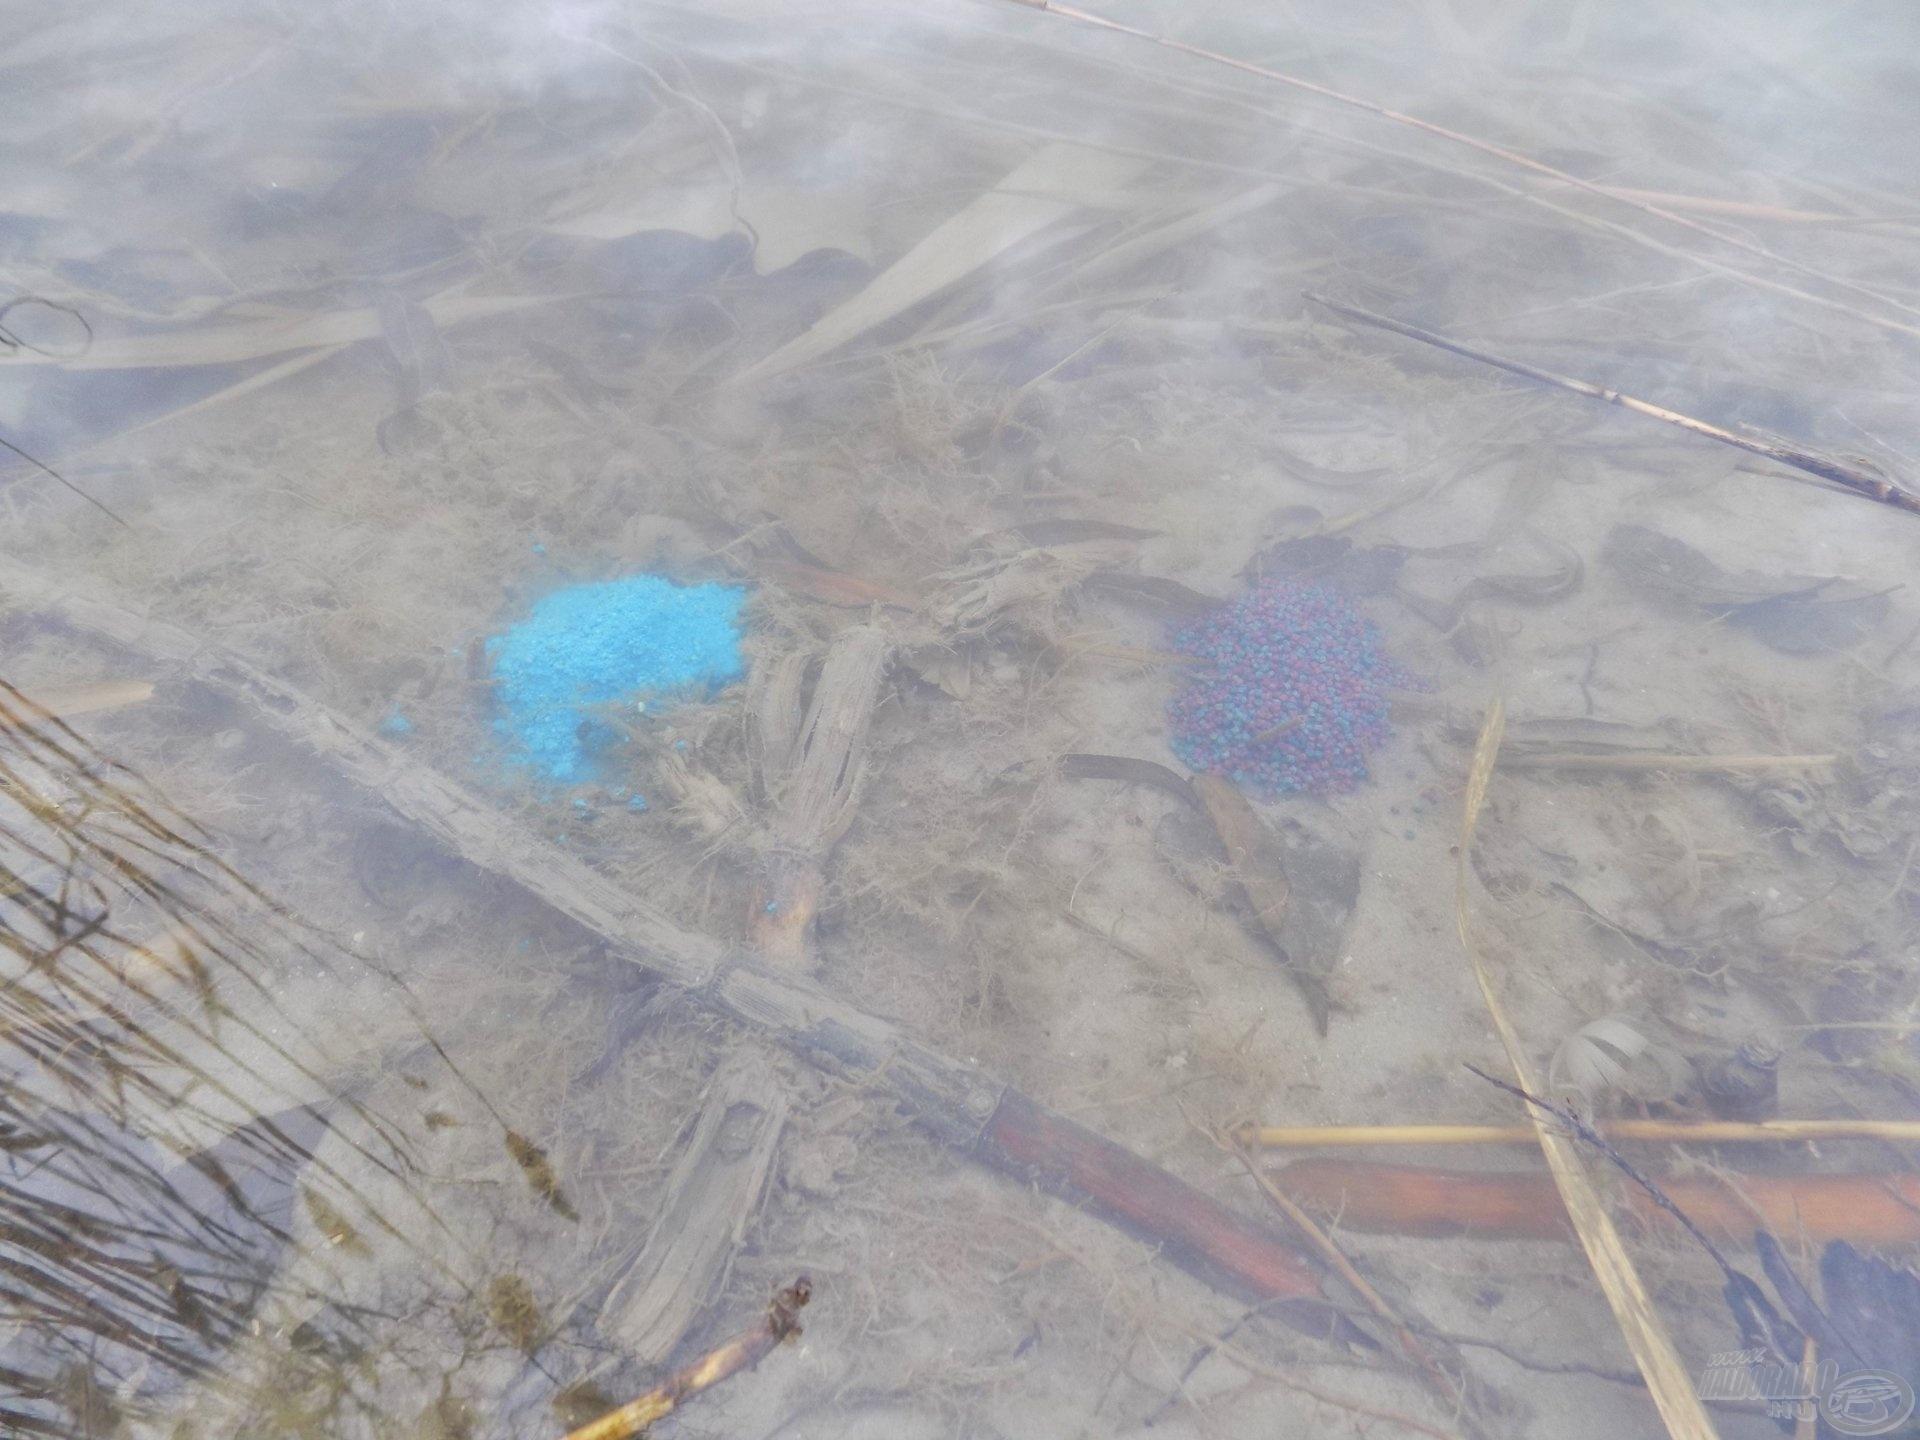 Víz alatt vizuálisan két különálló egyéniség. Ha két feederbottal horgászunk, érdemes kísérletezni, soha nem tudhatjuk, mi hozza meg a sikert!